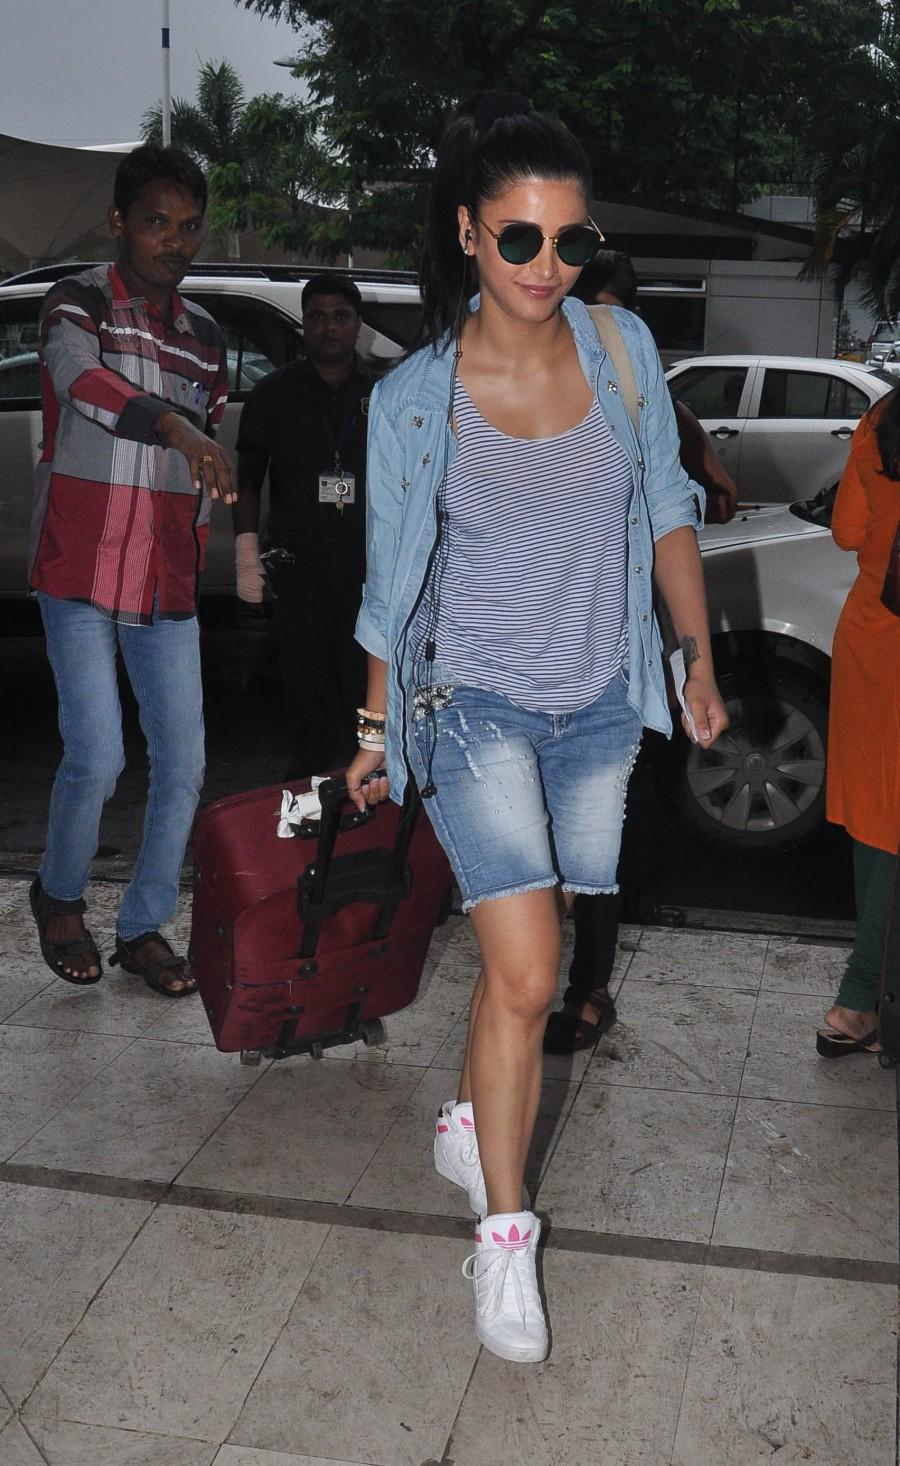 Shruti Haasan,South Indian actress,Bollywood actress,Kamal Haasan,Photos,Mumbai airport,Celebs spotted,Shruti Haasan at airport